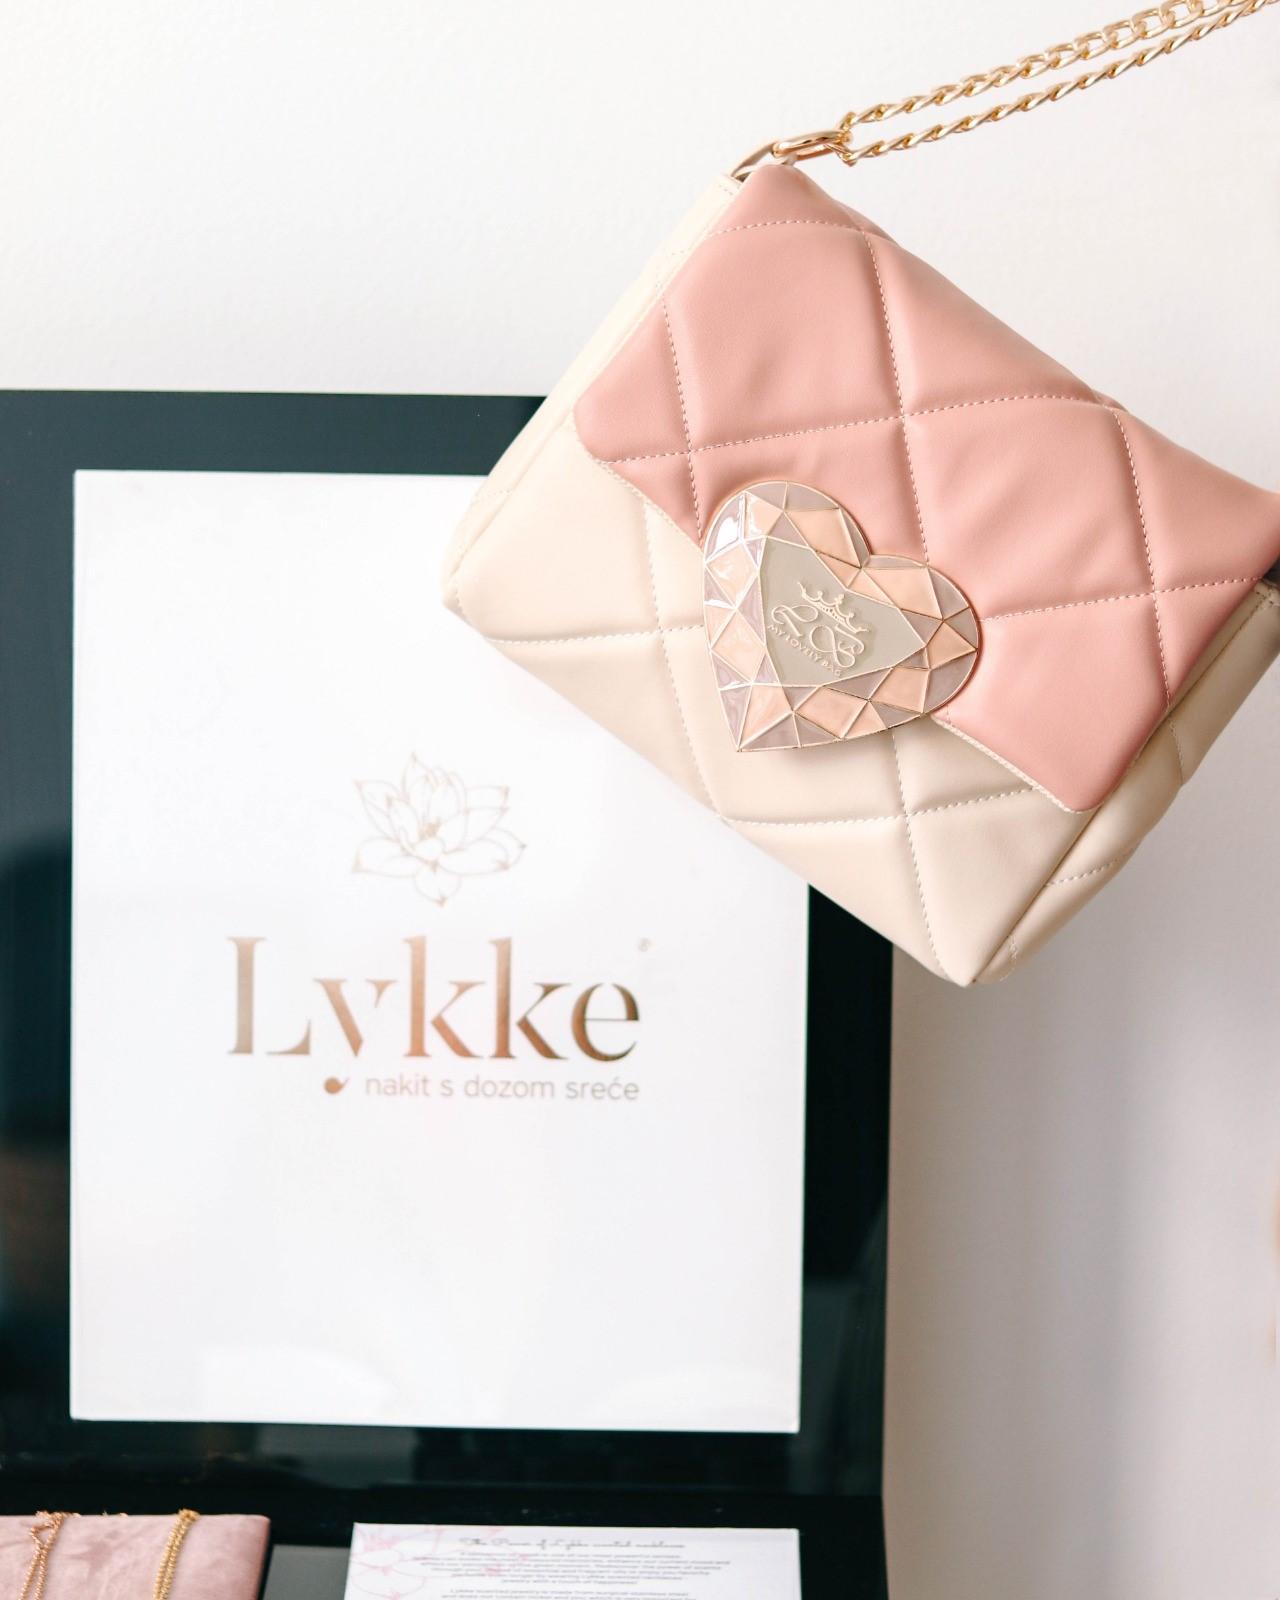 Lykke slavi 2. rođendan: u novootvorenom prostoru u centru Zagreba uronite u svijet mirisa i posebno dizajniranog nakita